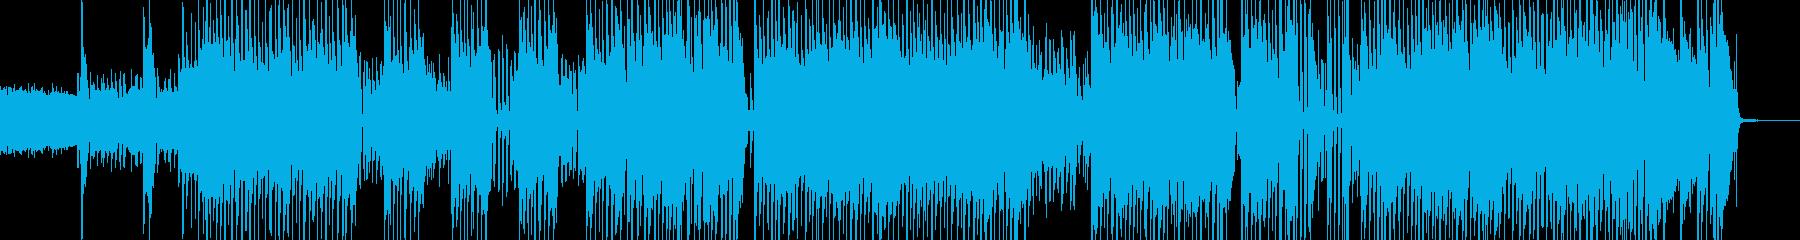 軽快ロック・フレンドリーな作品に! 短尺の再生済みの波形